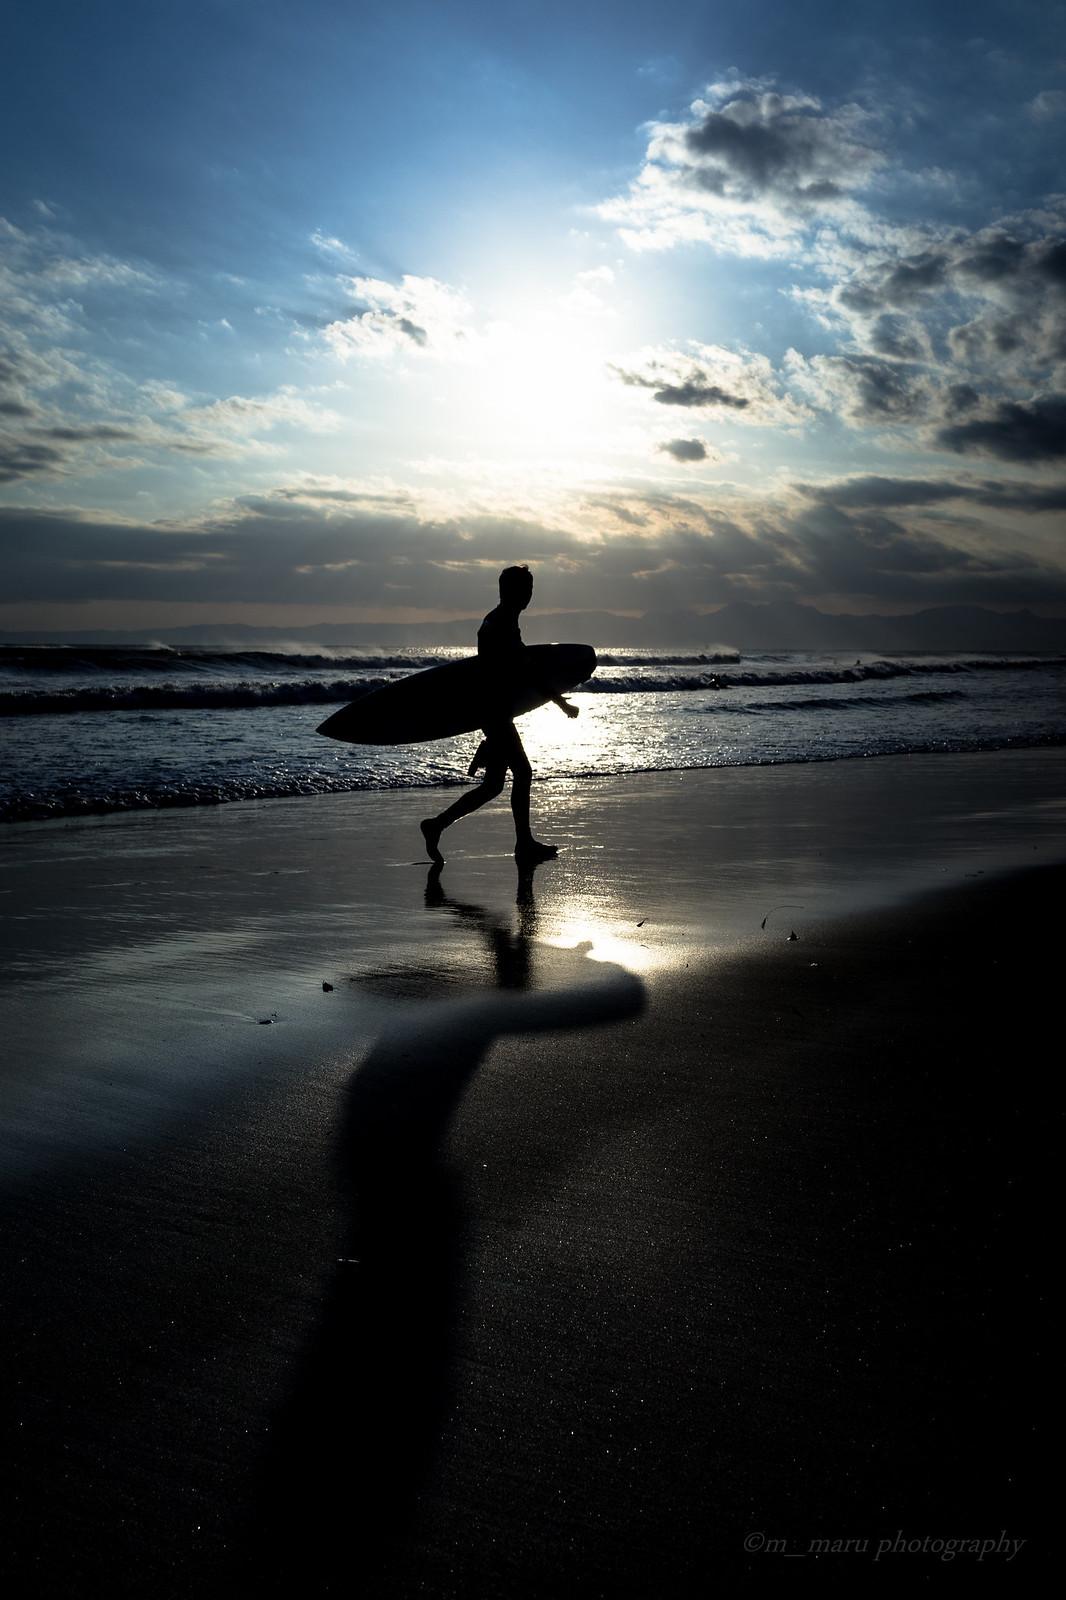 Shadow on the beach